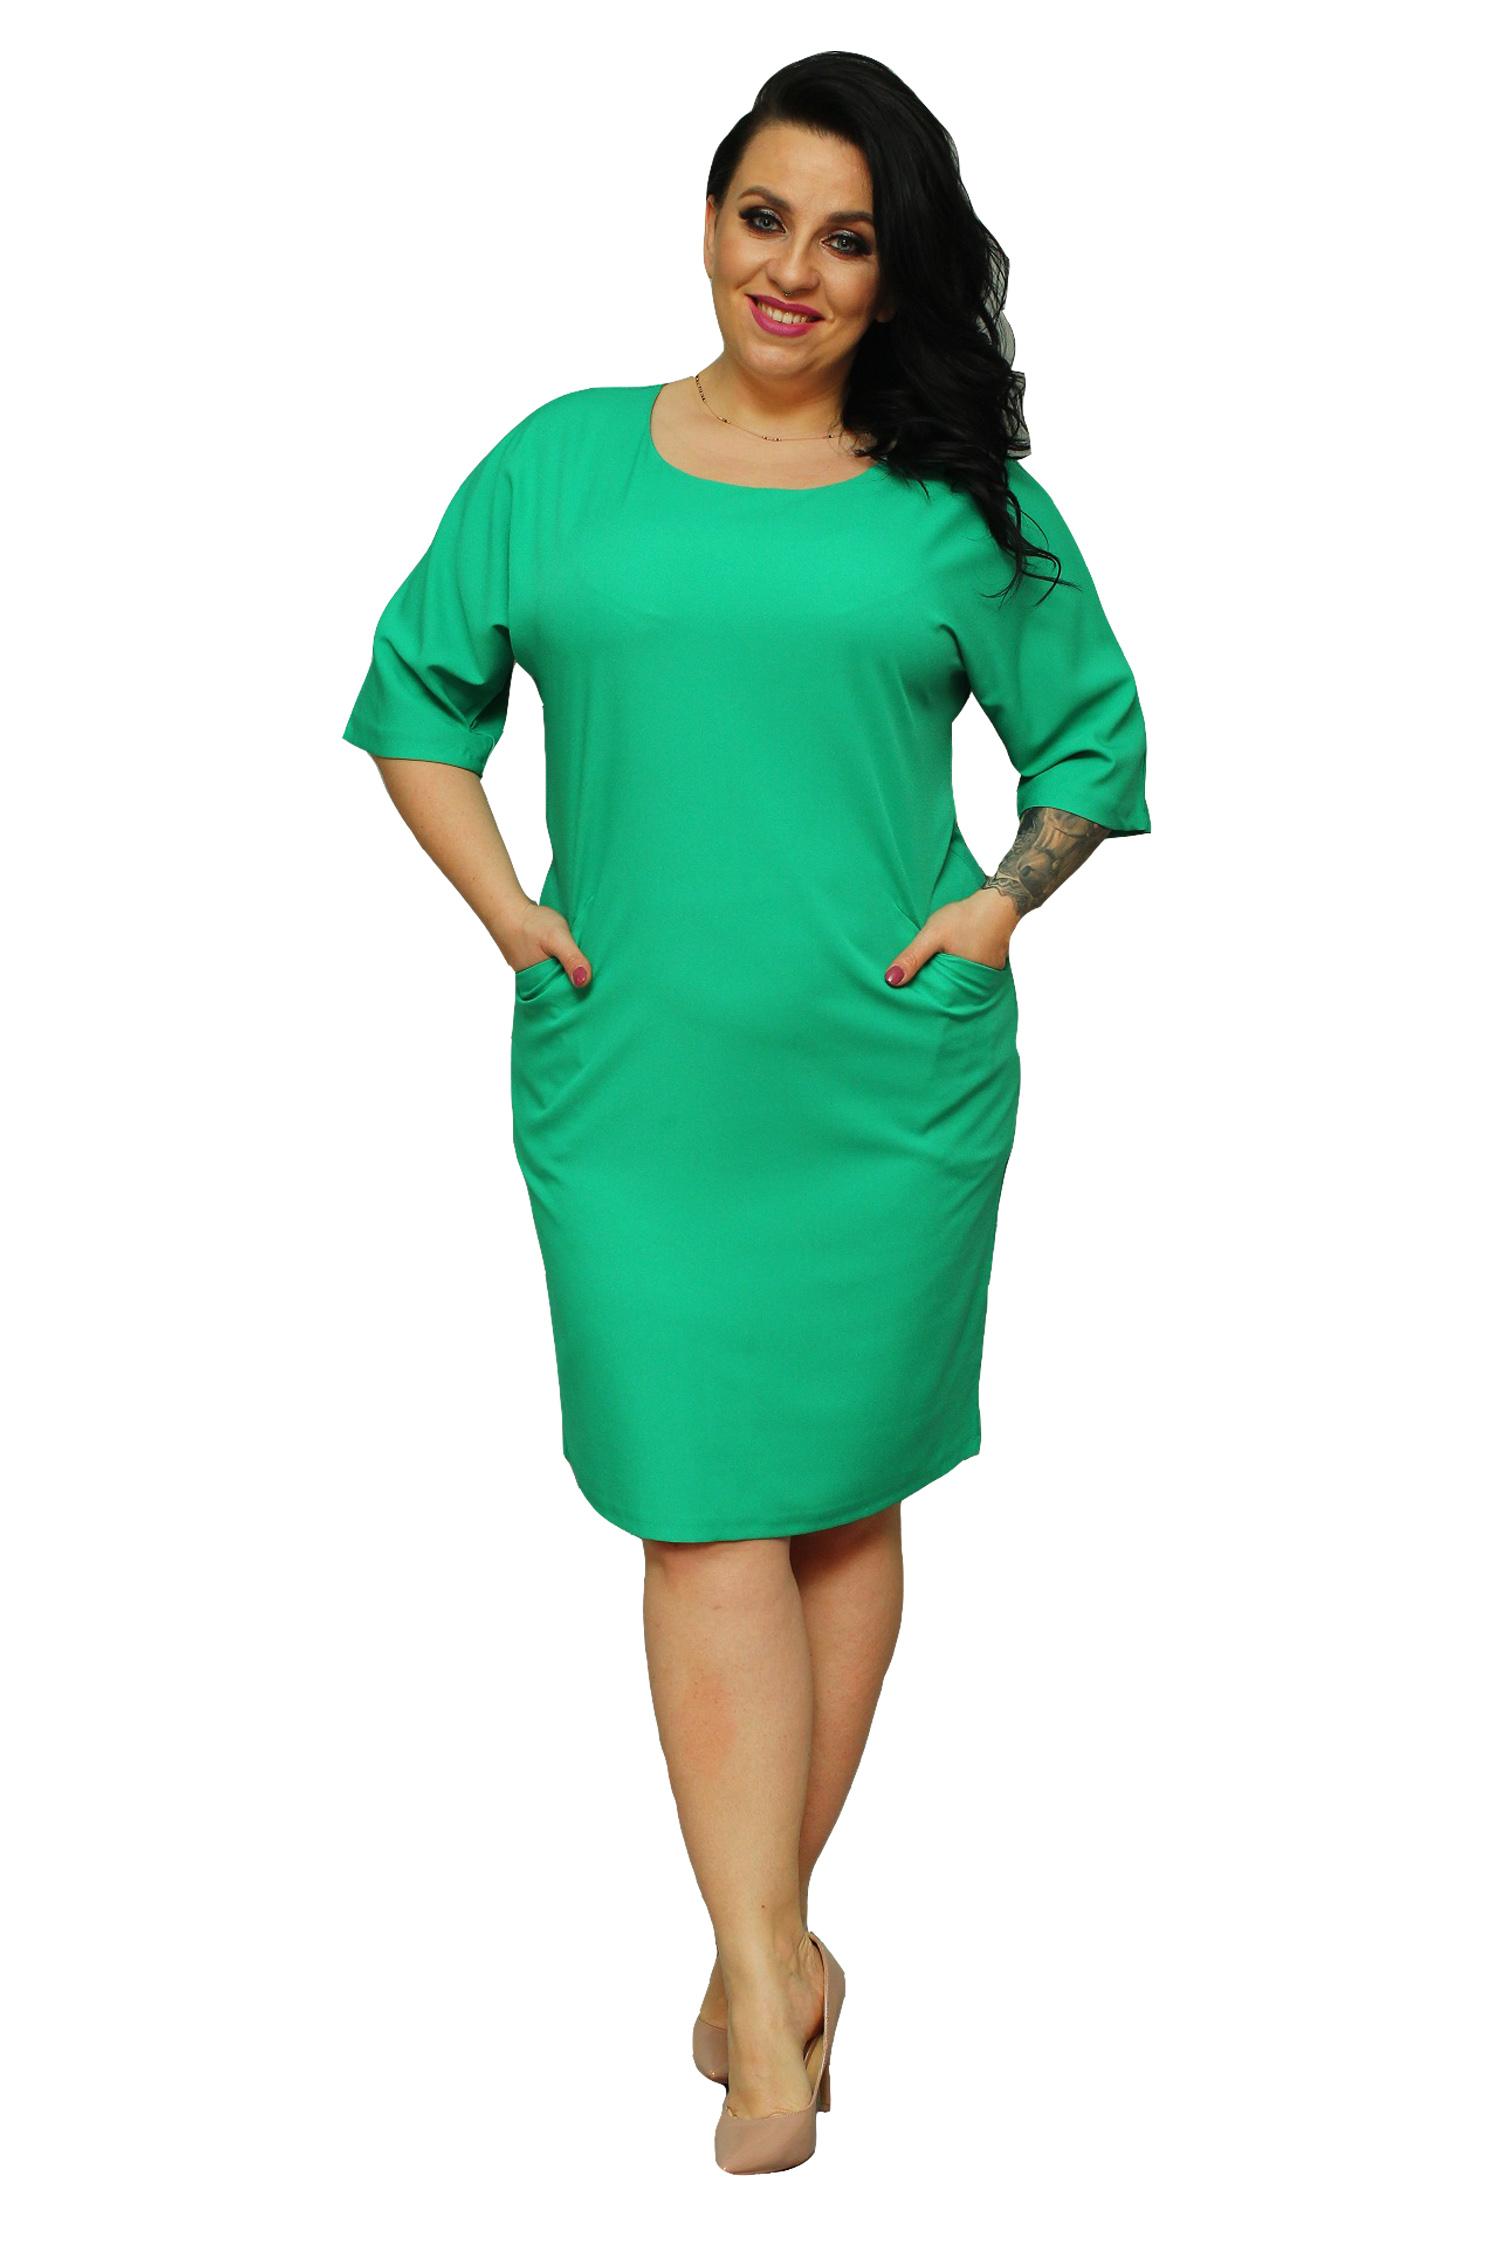 f72e7a53ce Sukienka GABI elegancka kimono zielona 42 - 7253078104 - oficjalne ...